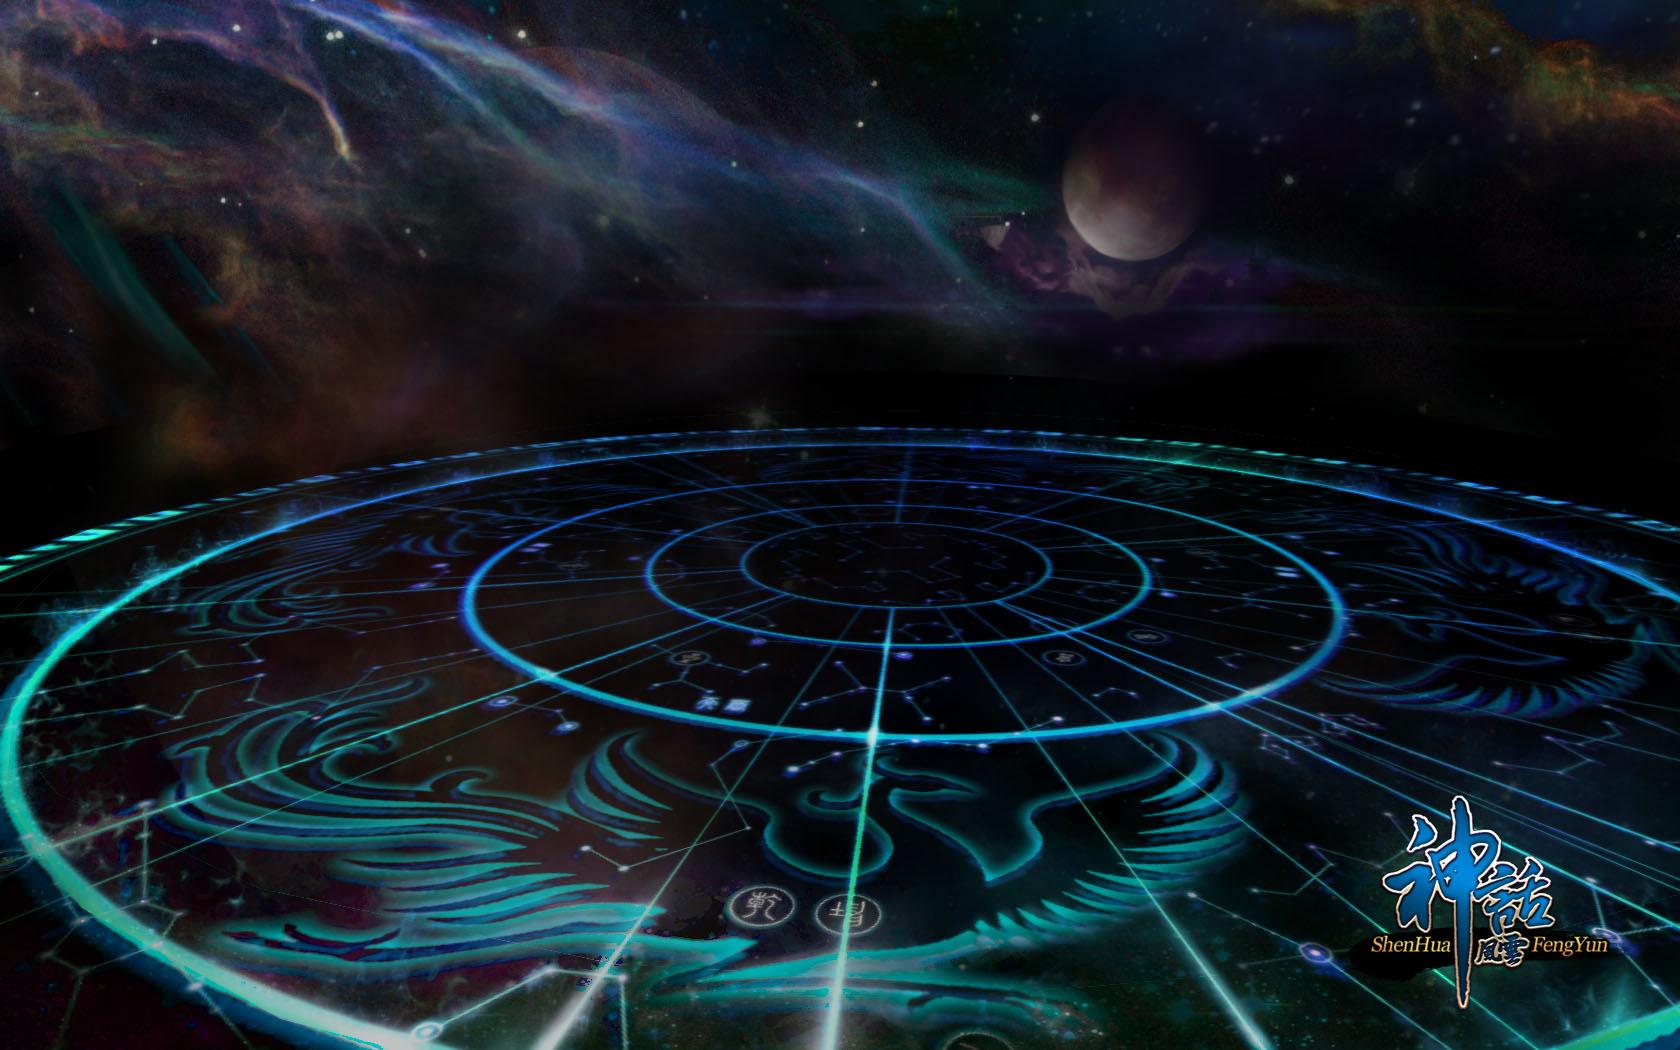 《神话风云》游戏截图(7)